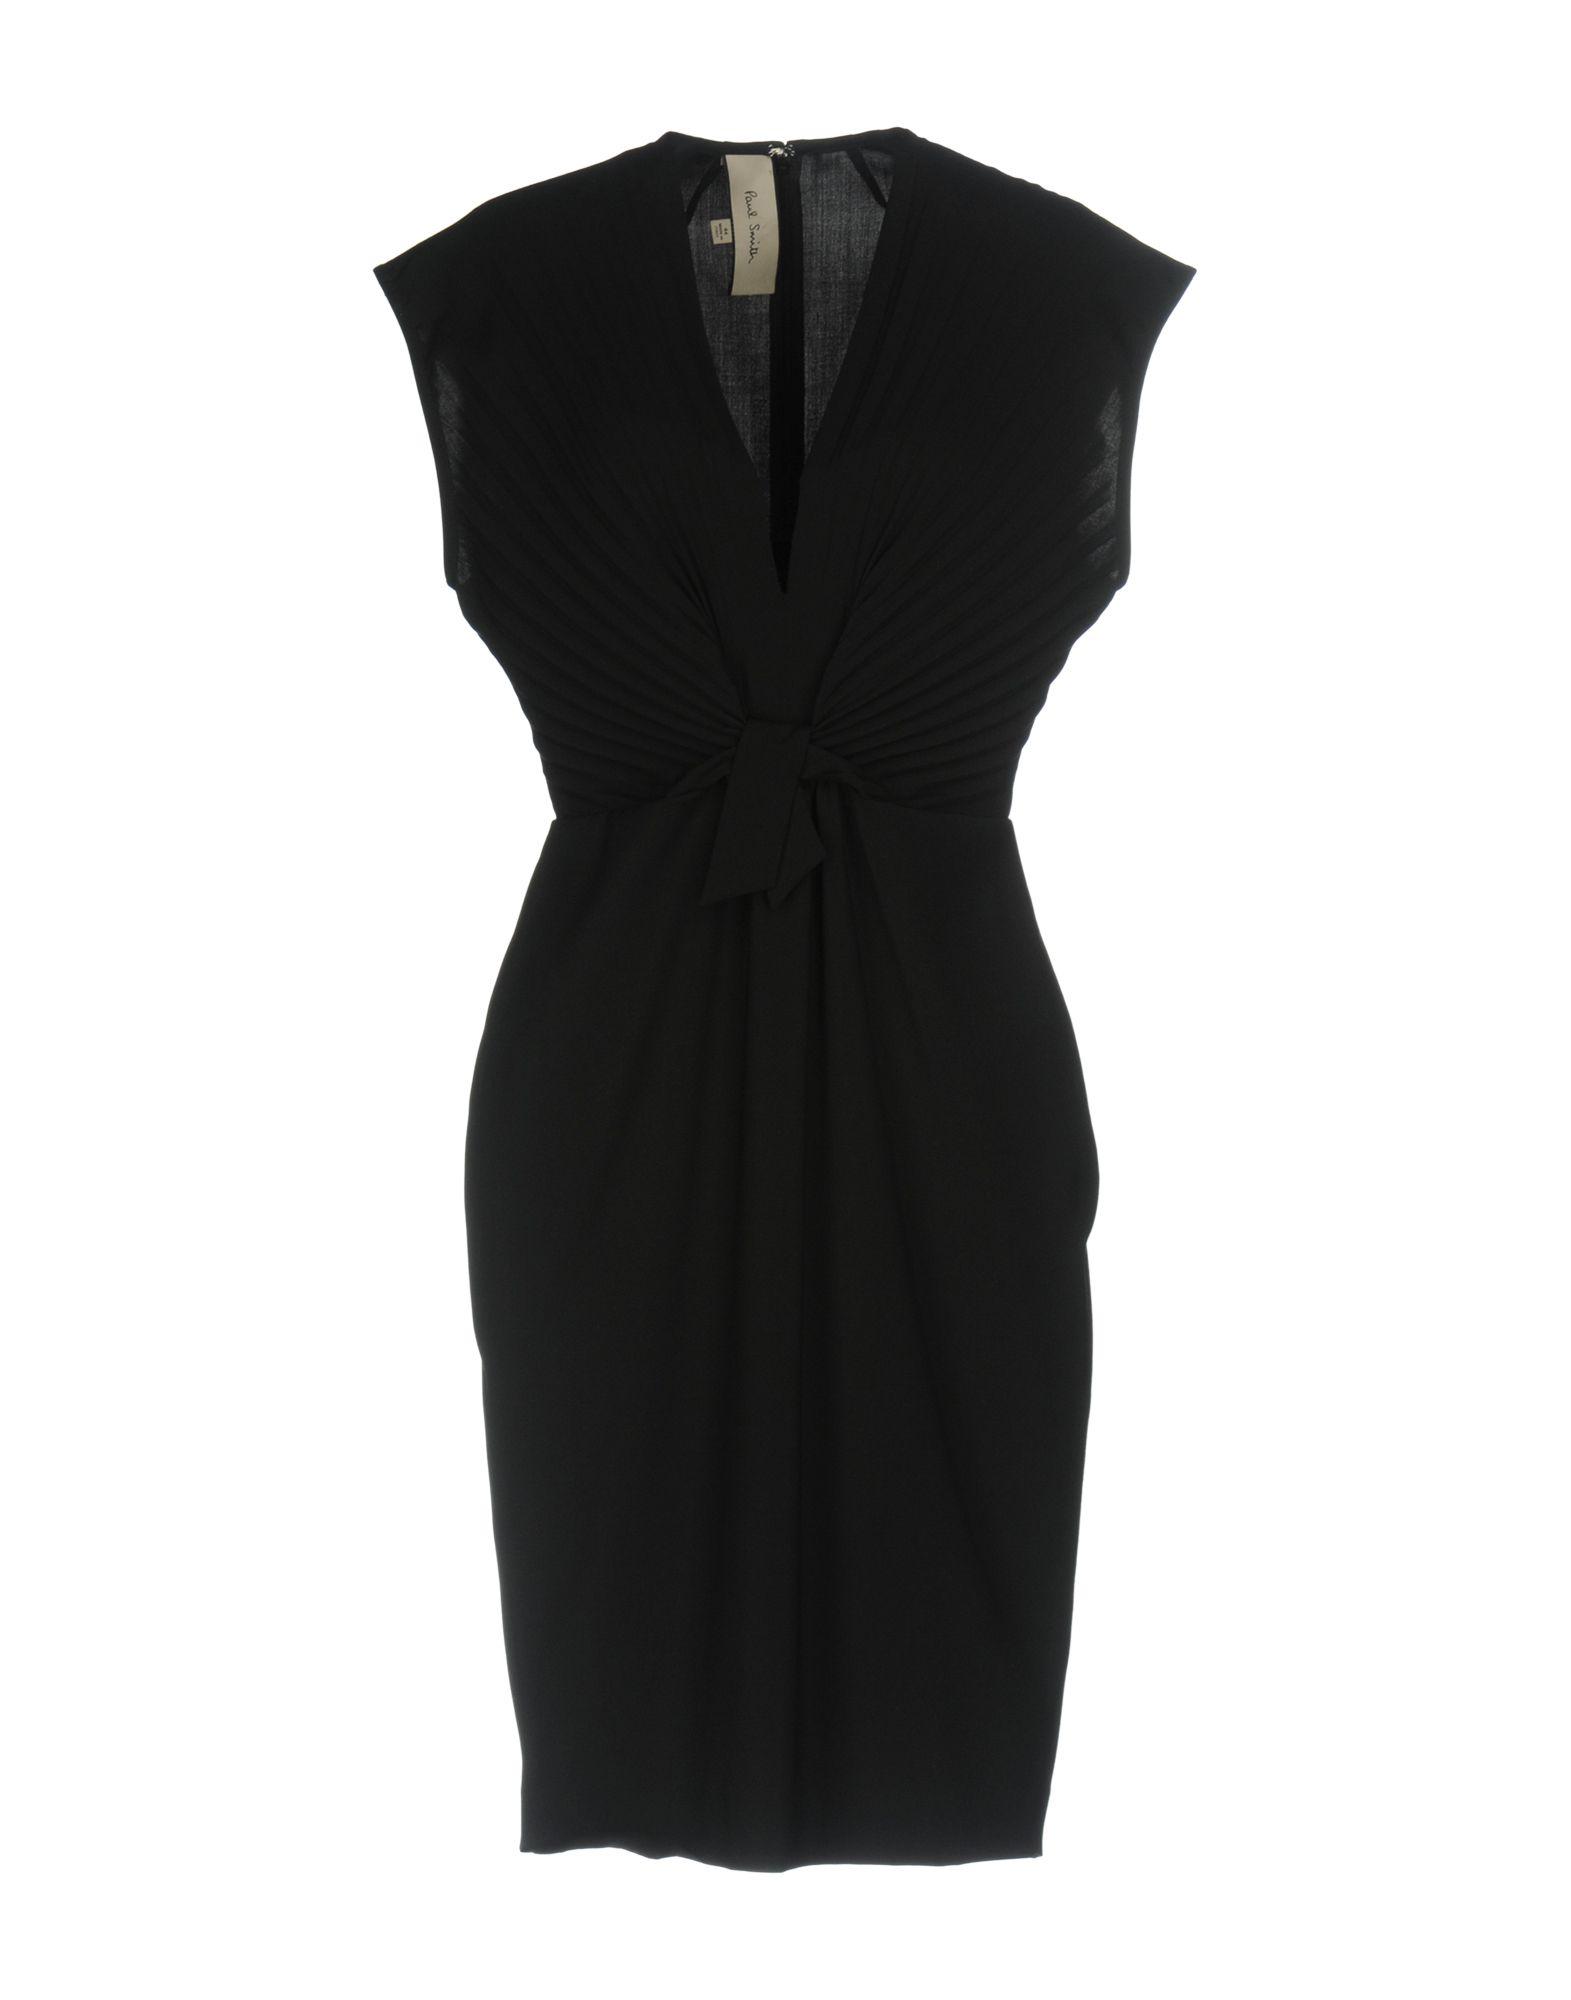 PAUL SMITH Damen Knielanges Kleid Farbe Schwarz Größe 5